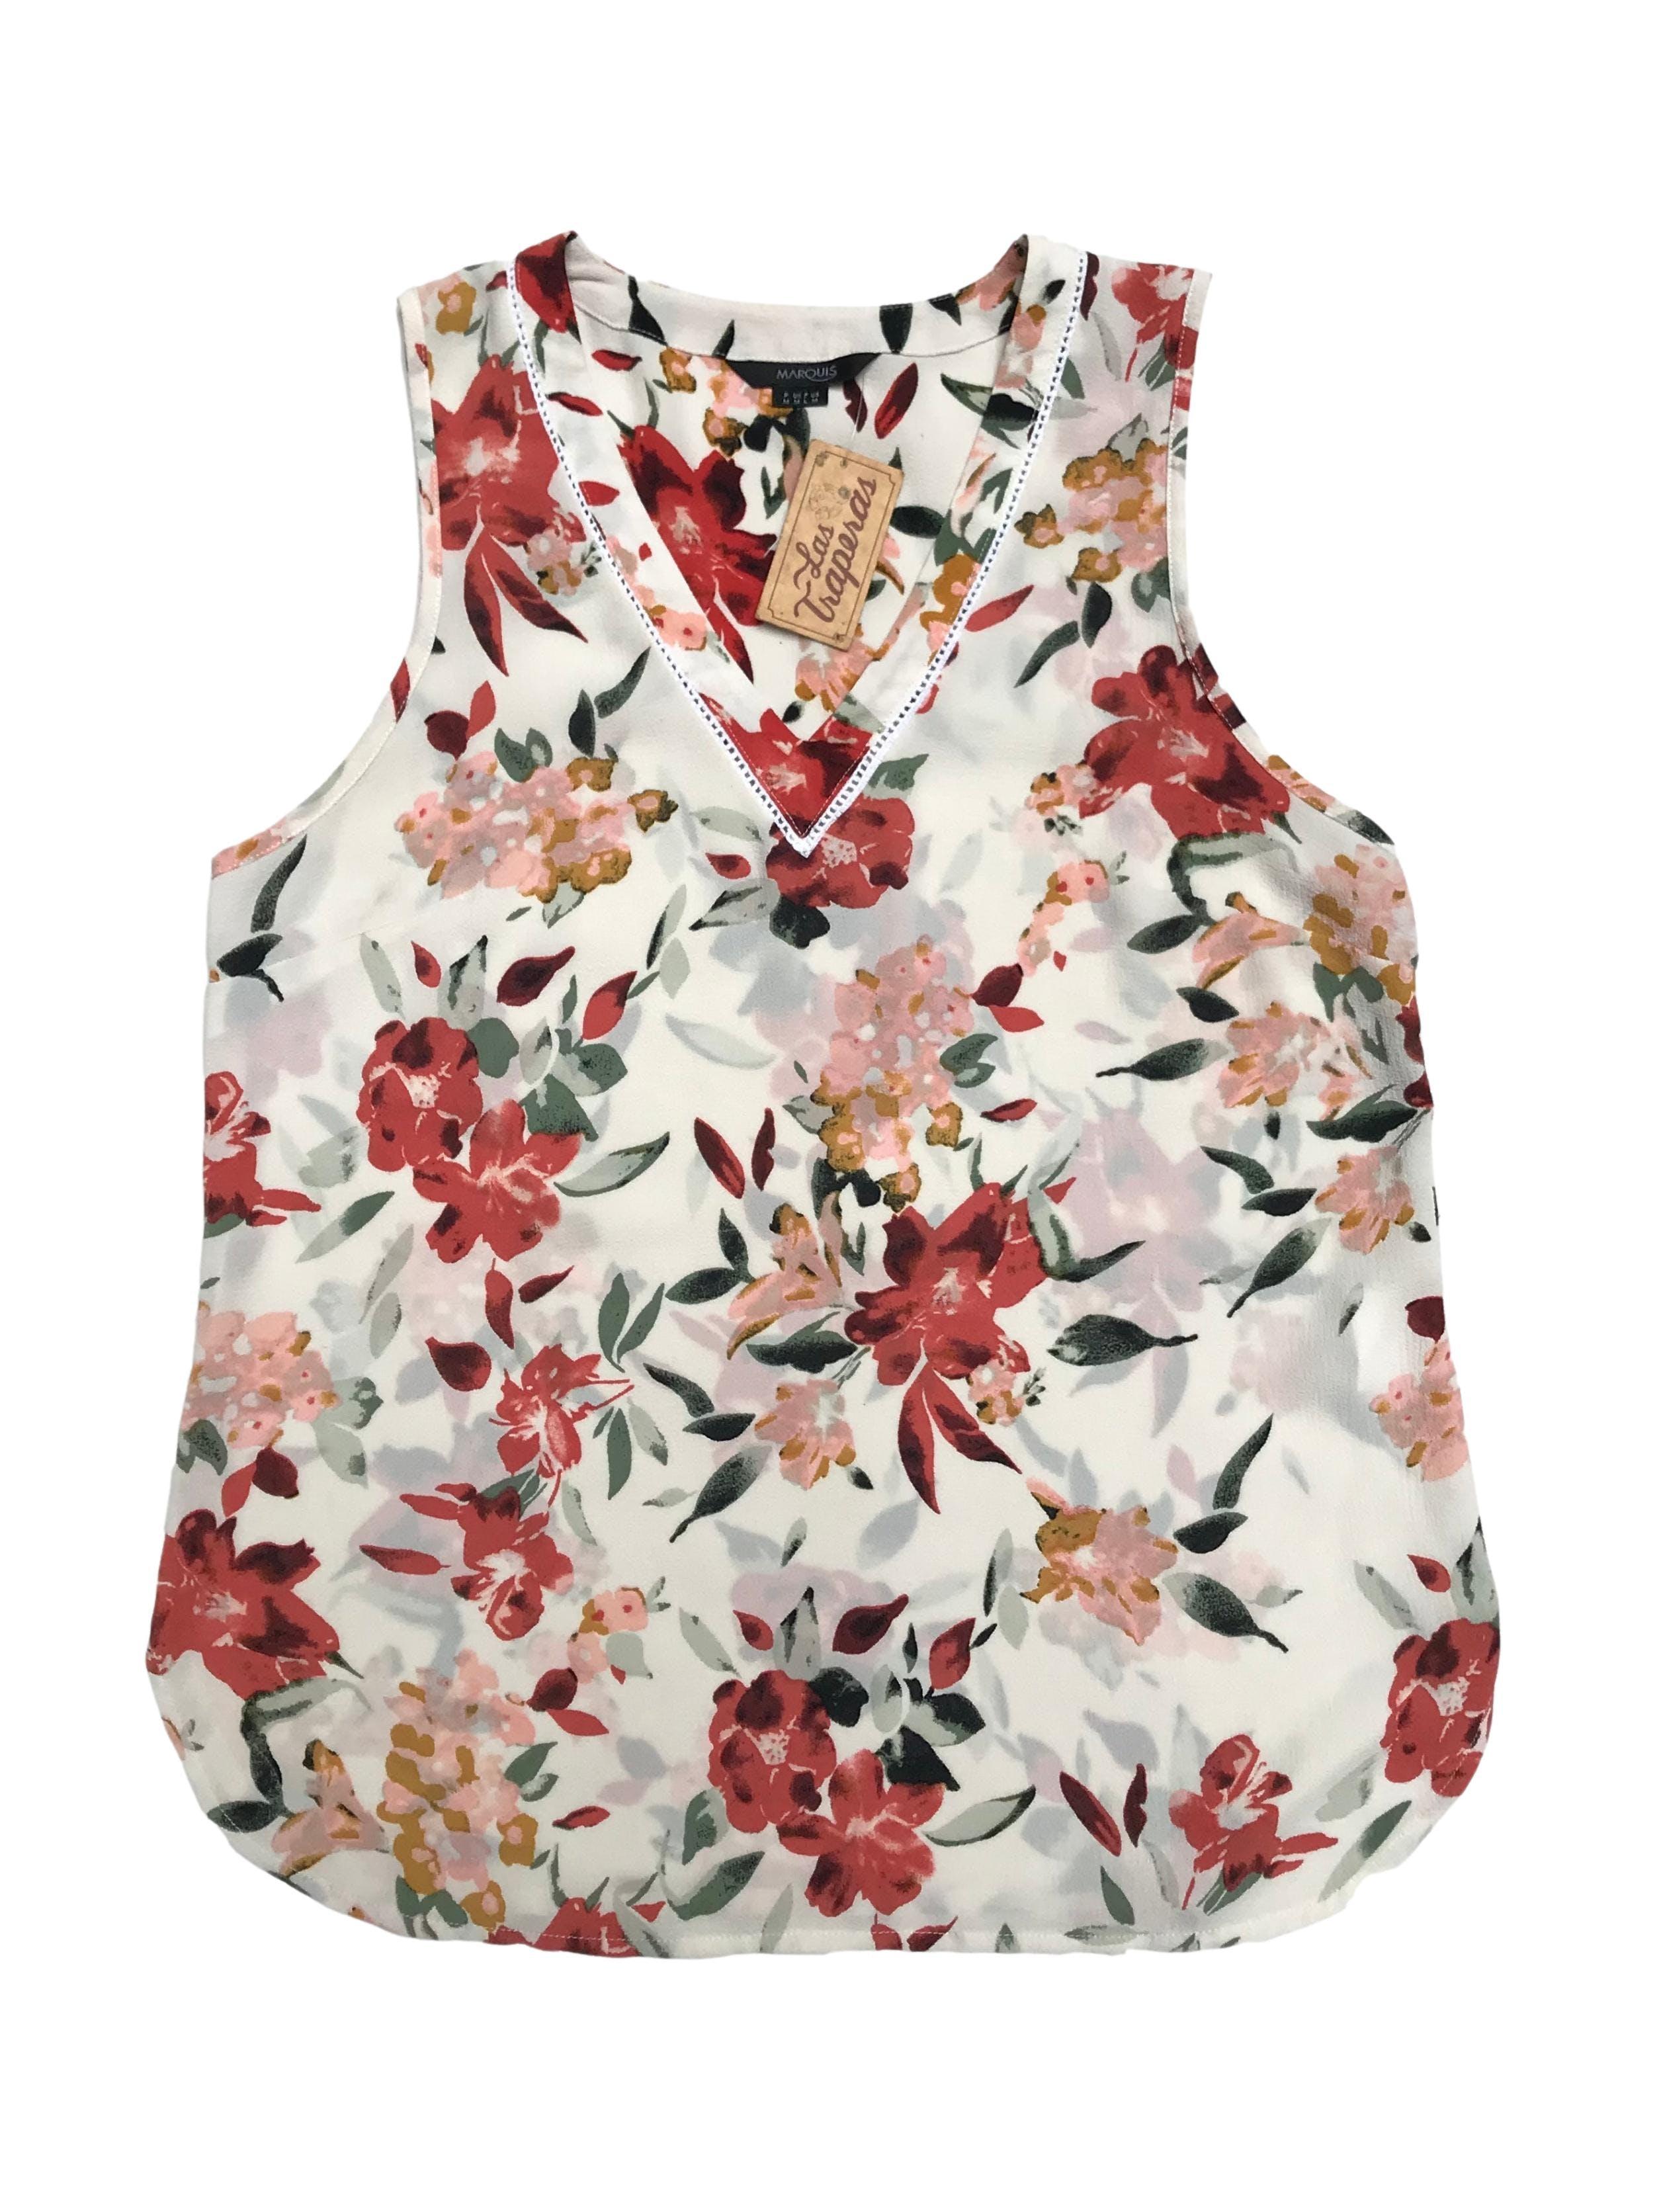 Blusa Marquis de crepé crema con estampado de flores, cuello en V